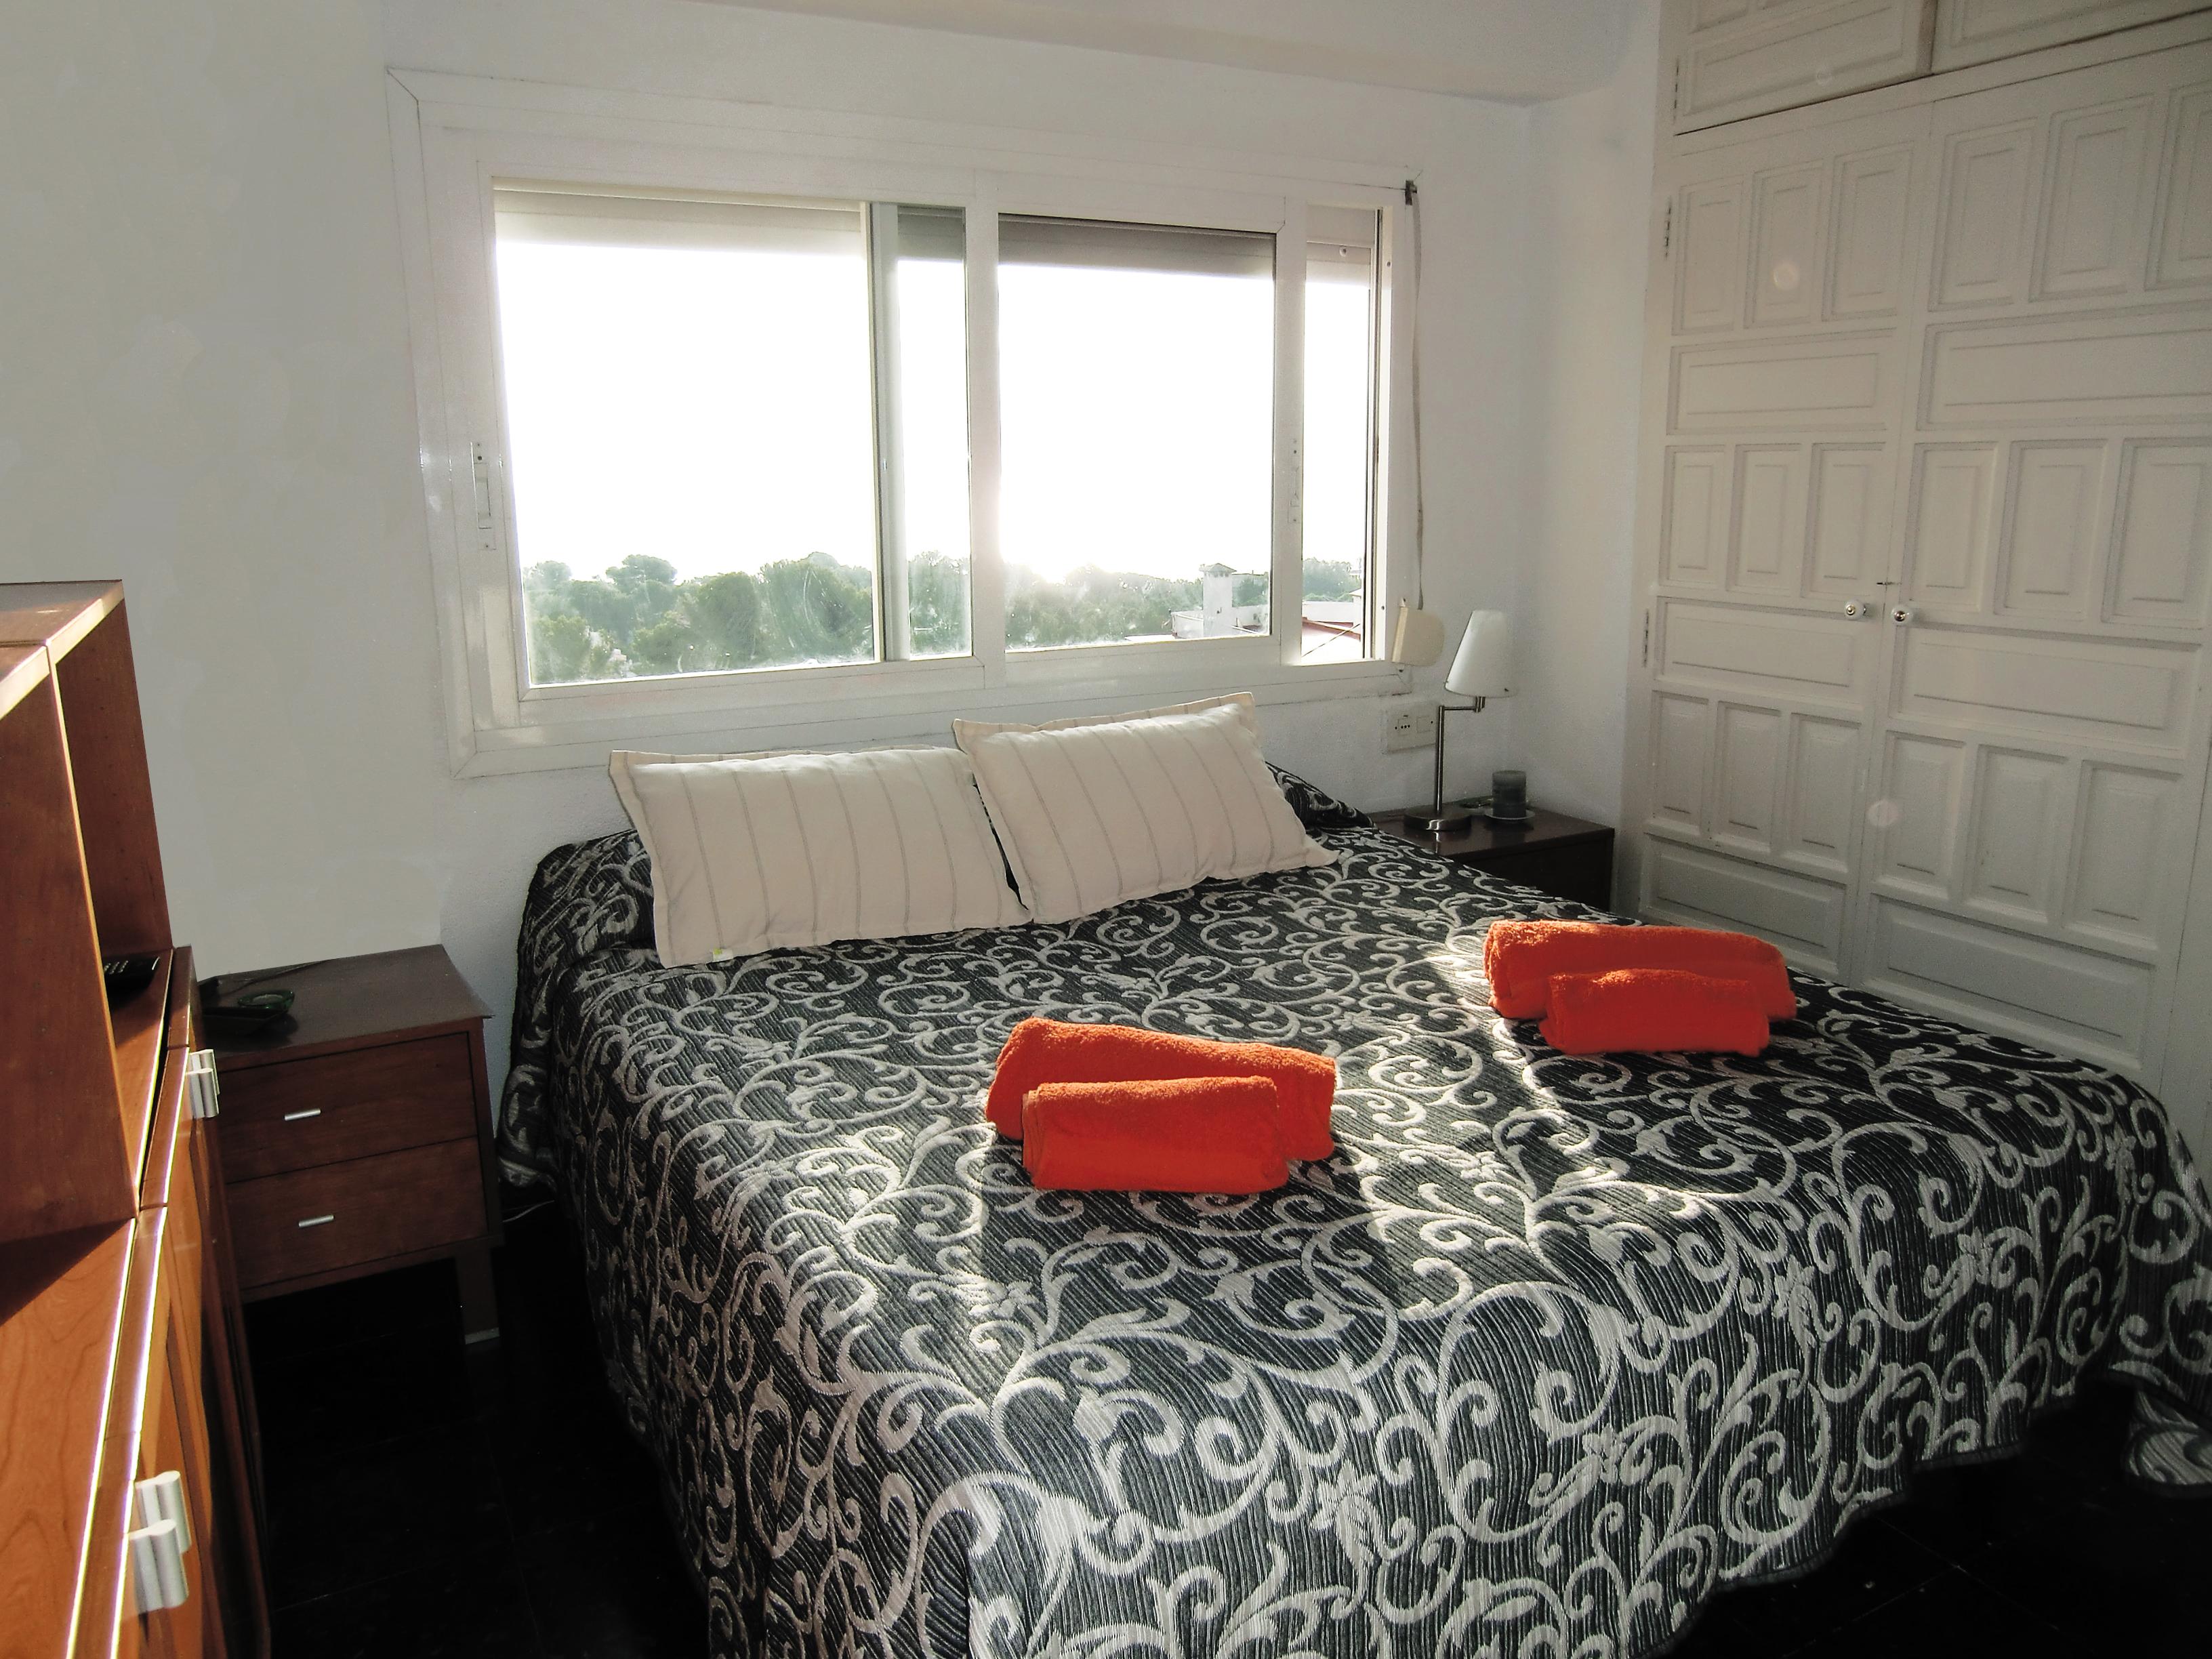 05-Dormitorio1.jpg